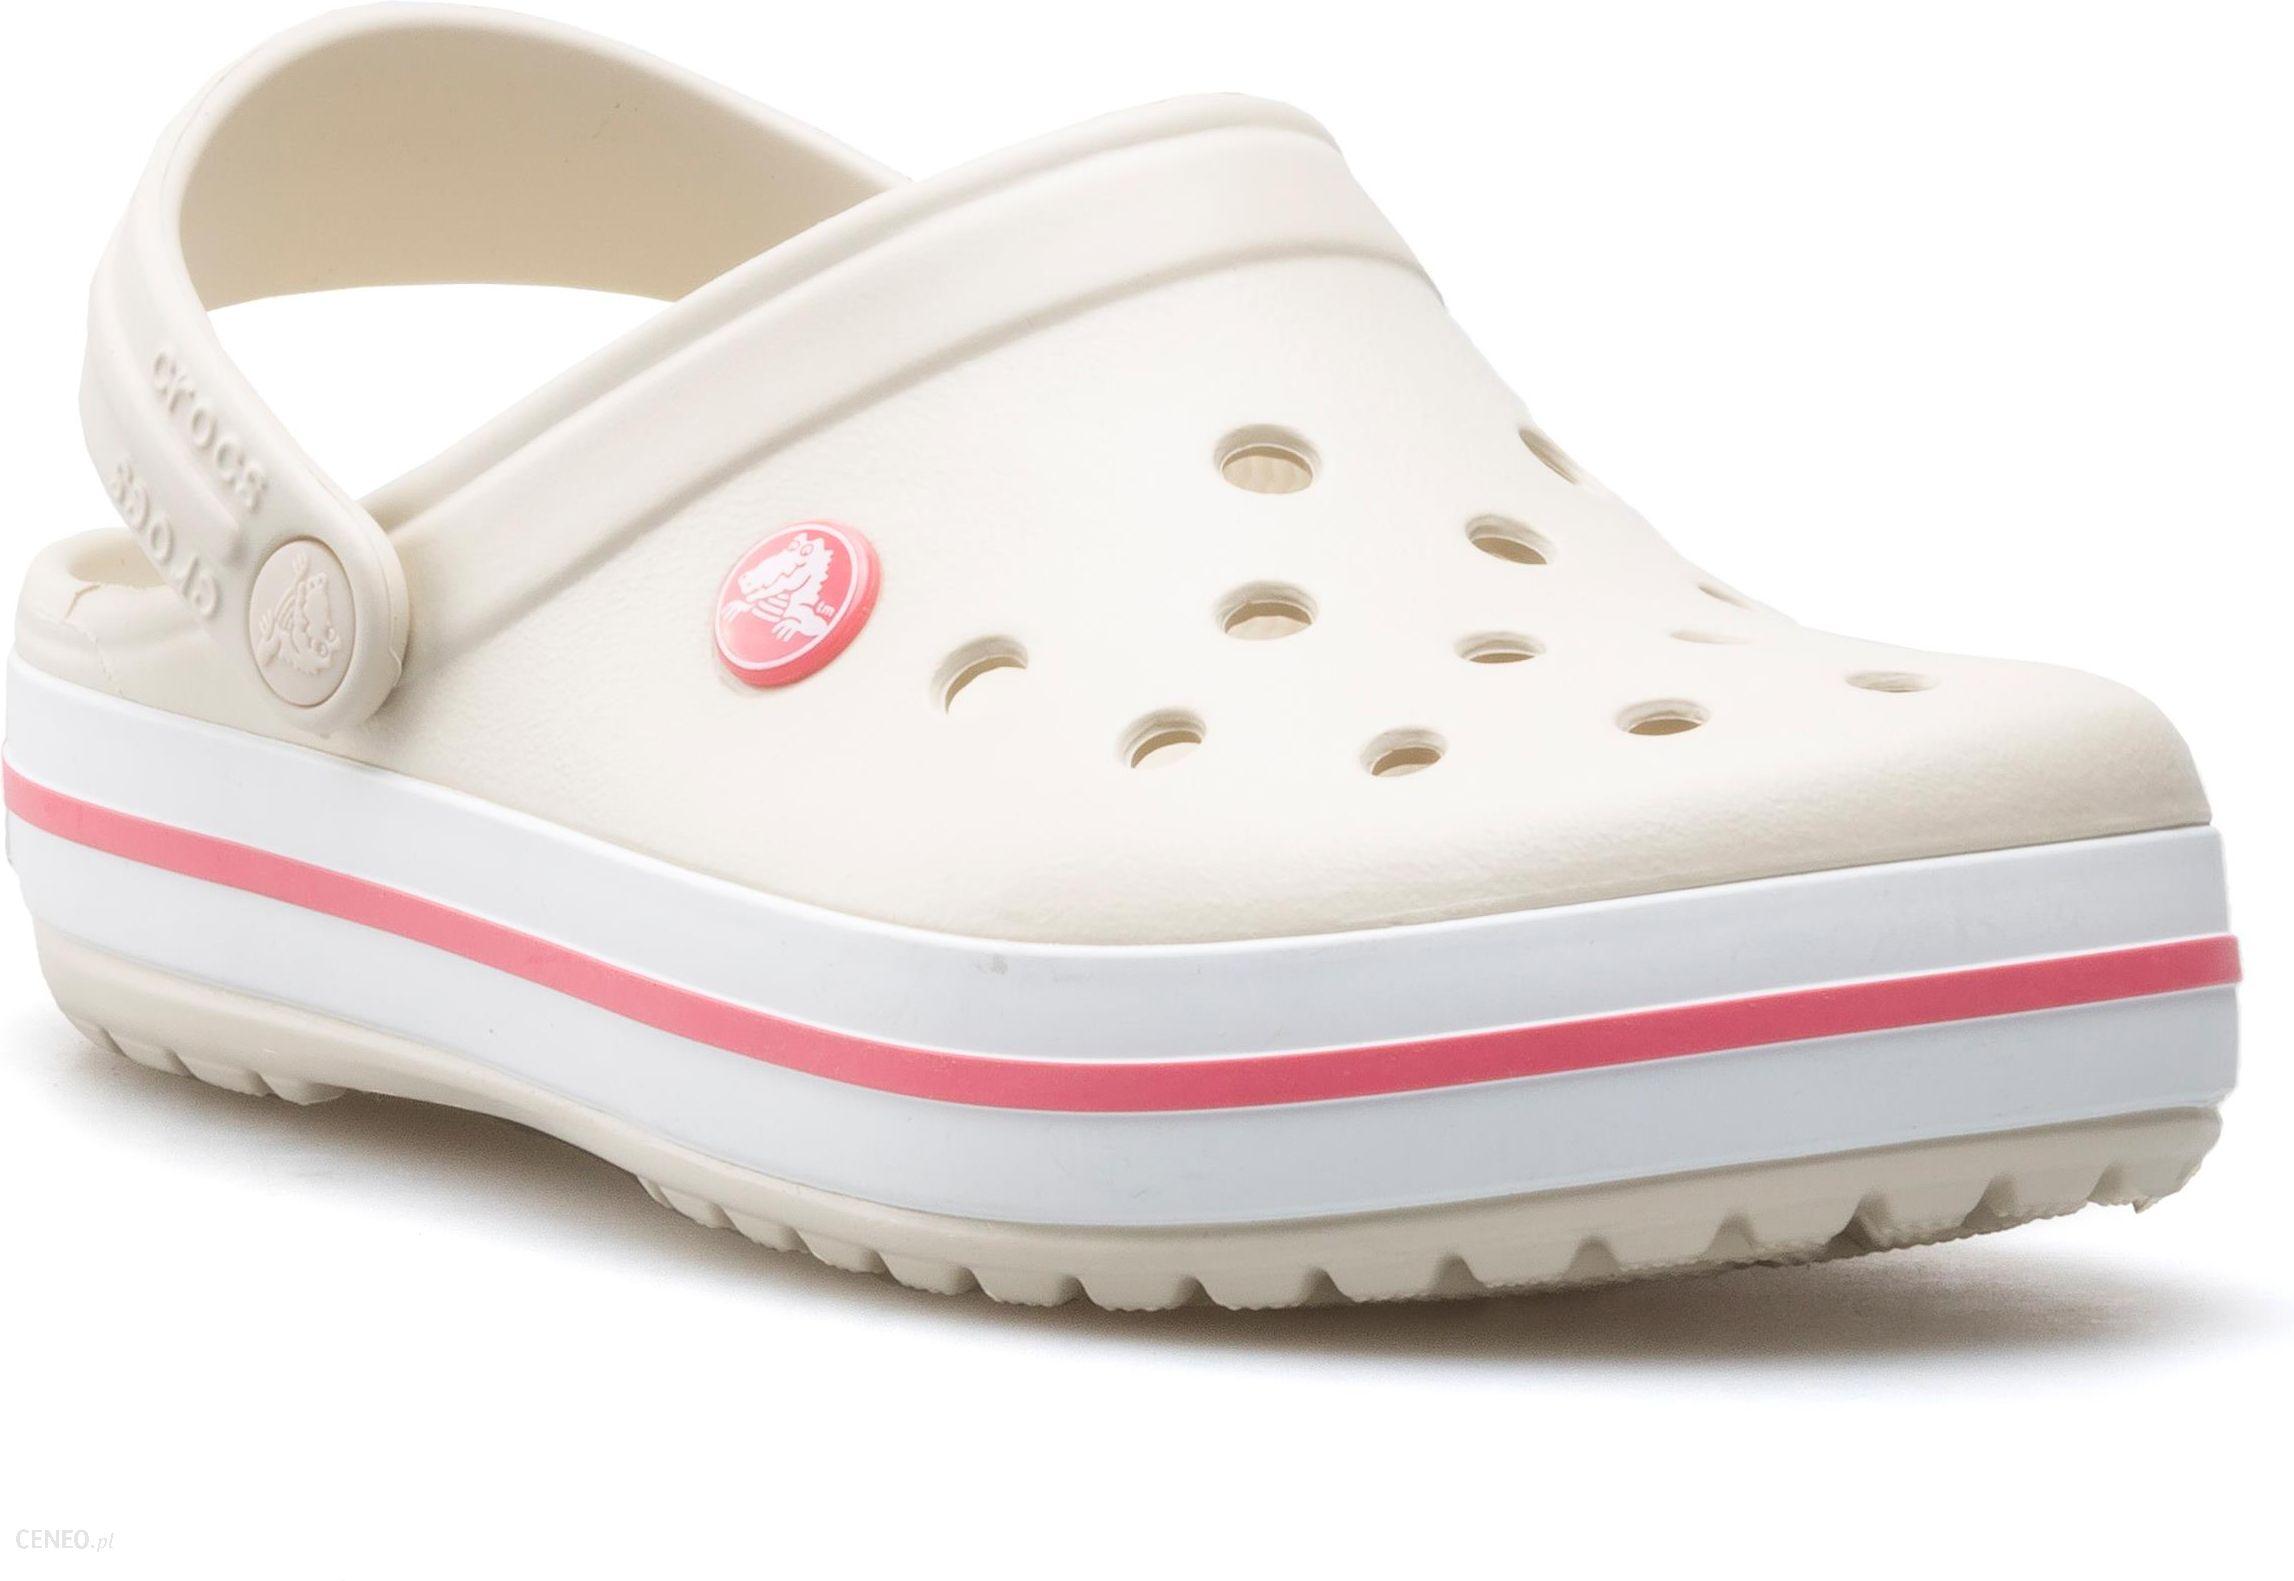 Klapki Crocs Crocband 11016 1AS r. 37 38 Ceny i opinie Ceneo.pl